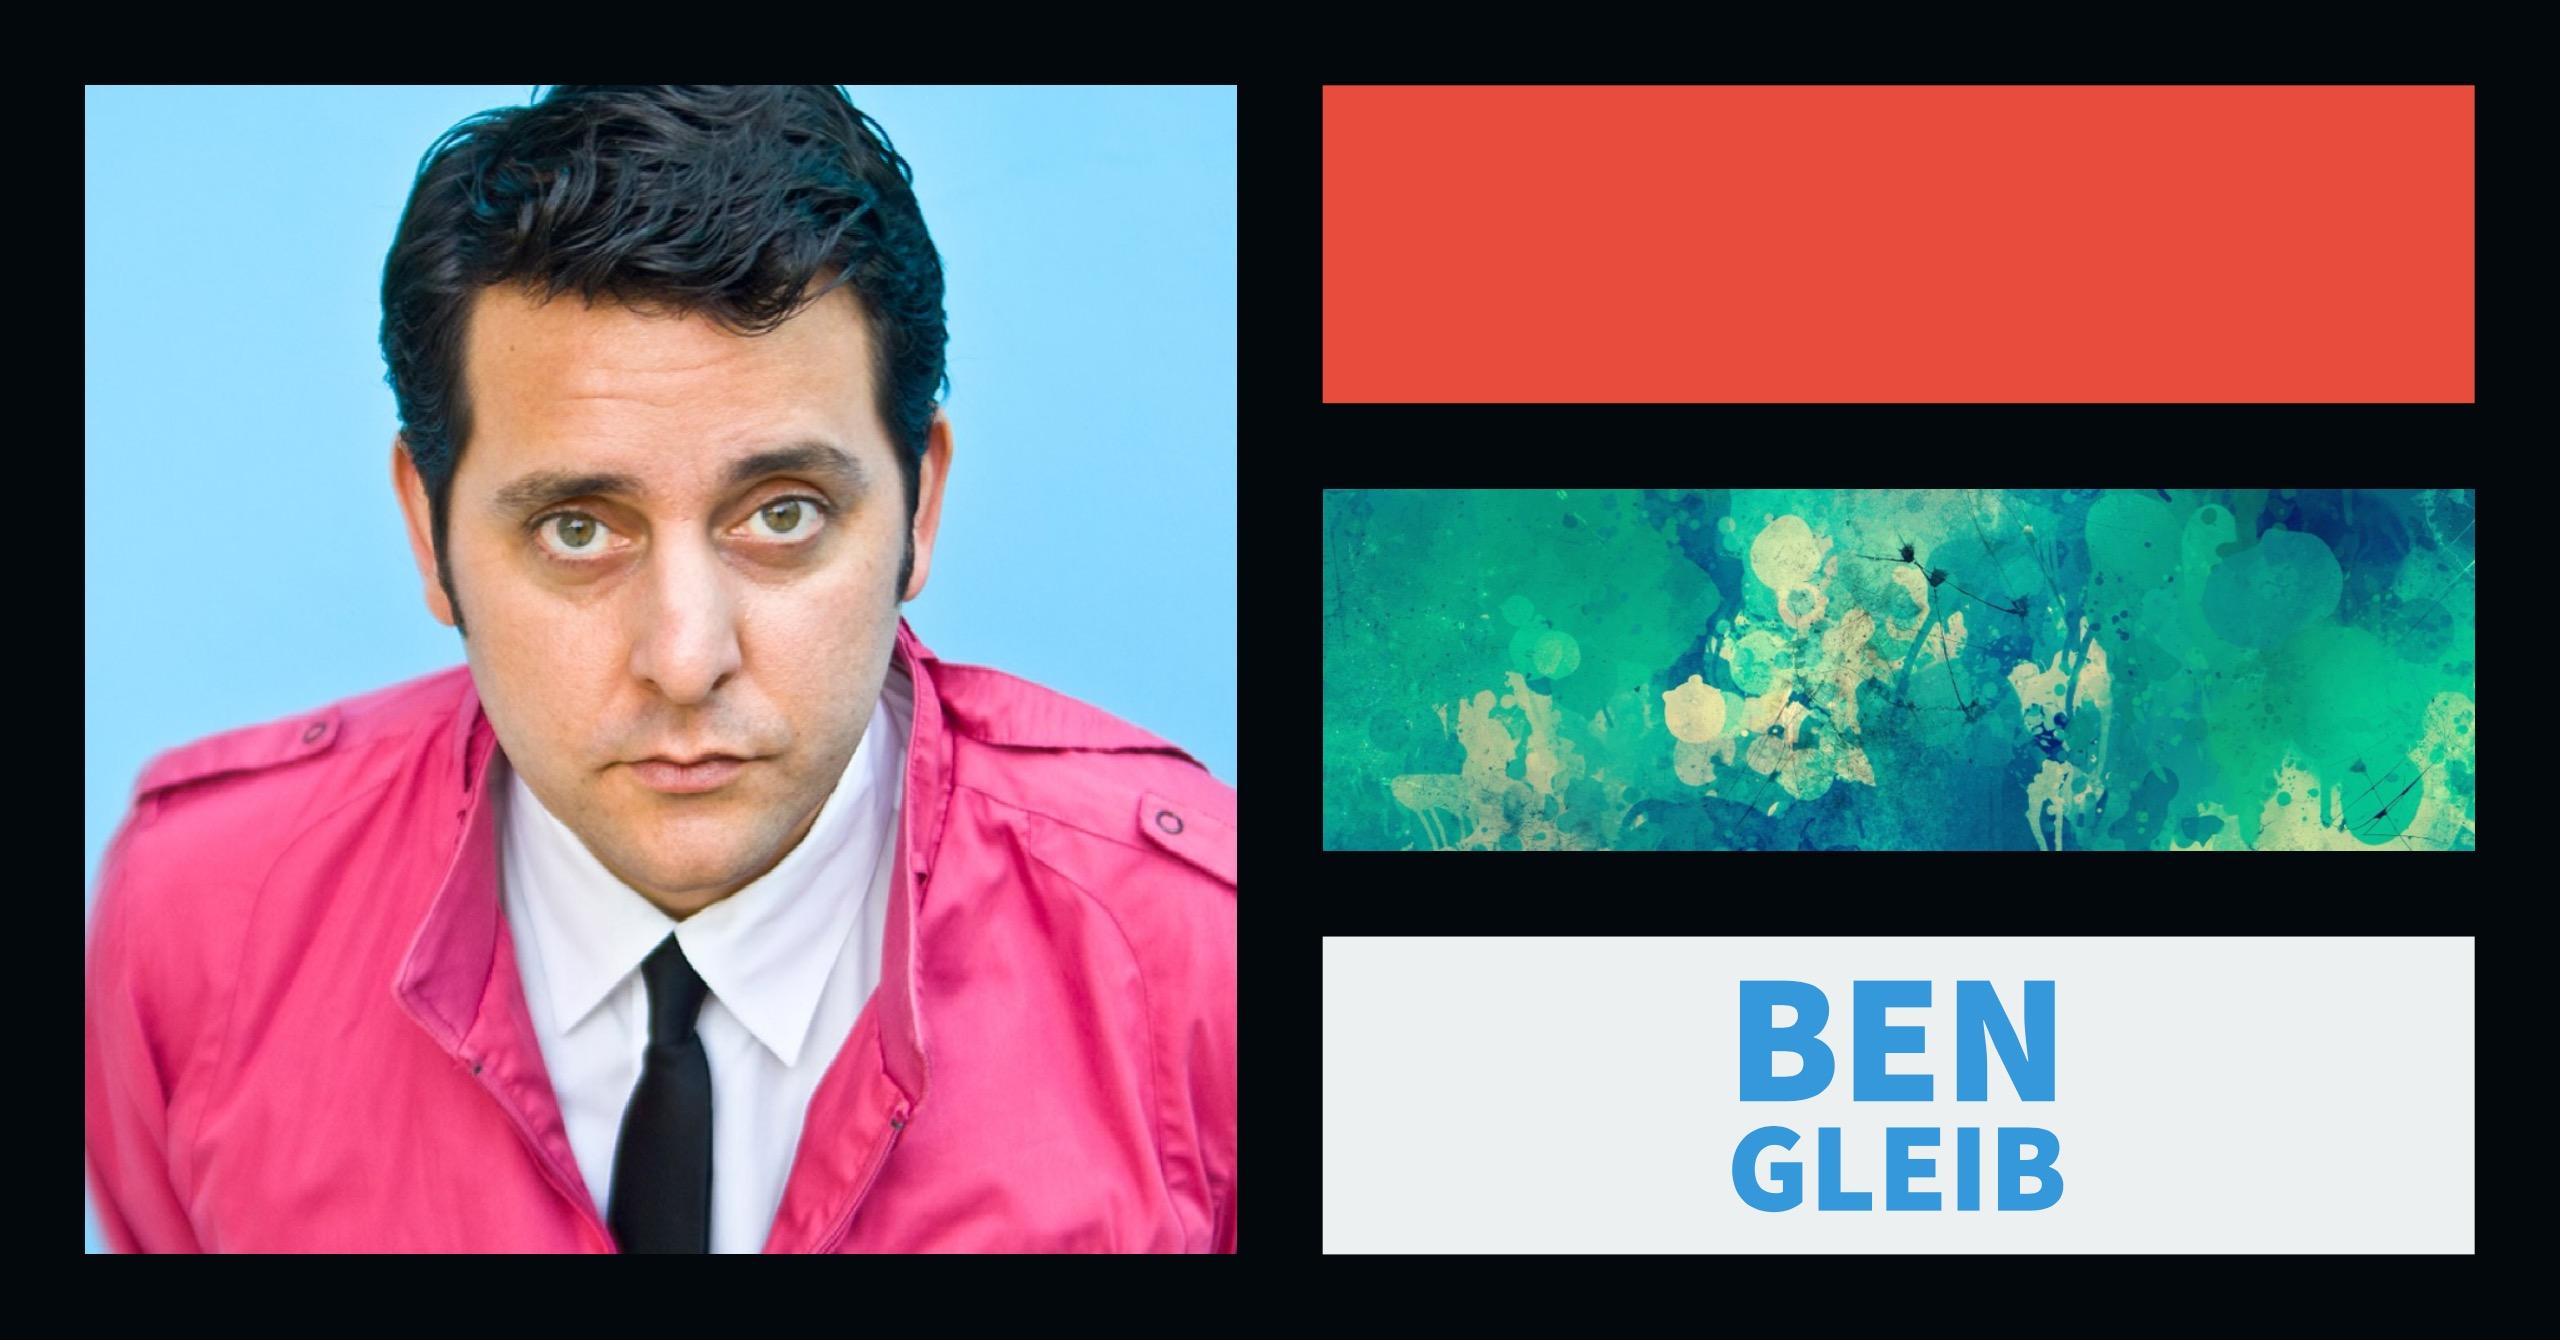 Ben Gleib hosts Idiotest on GSN